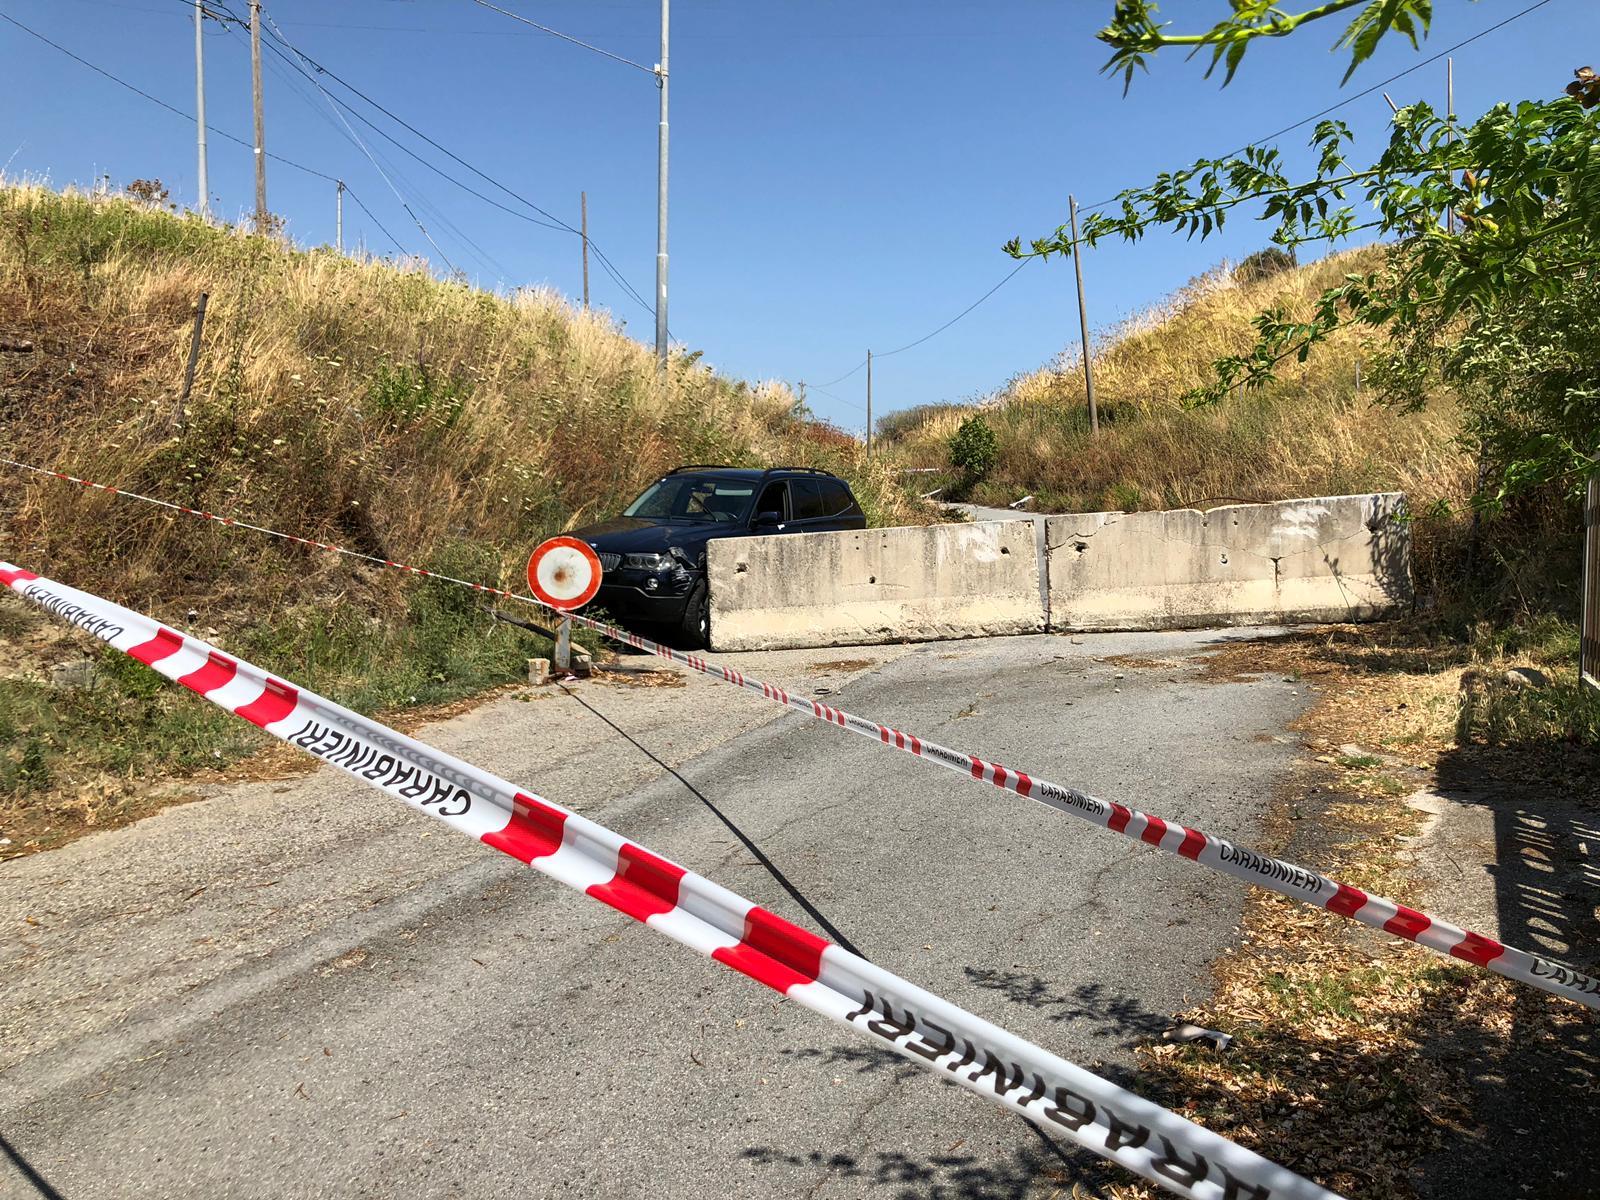 FOTO – Tentato furto a casa di un giudice nel Catanzarese  Le immagini delle indagini dei carabinieri